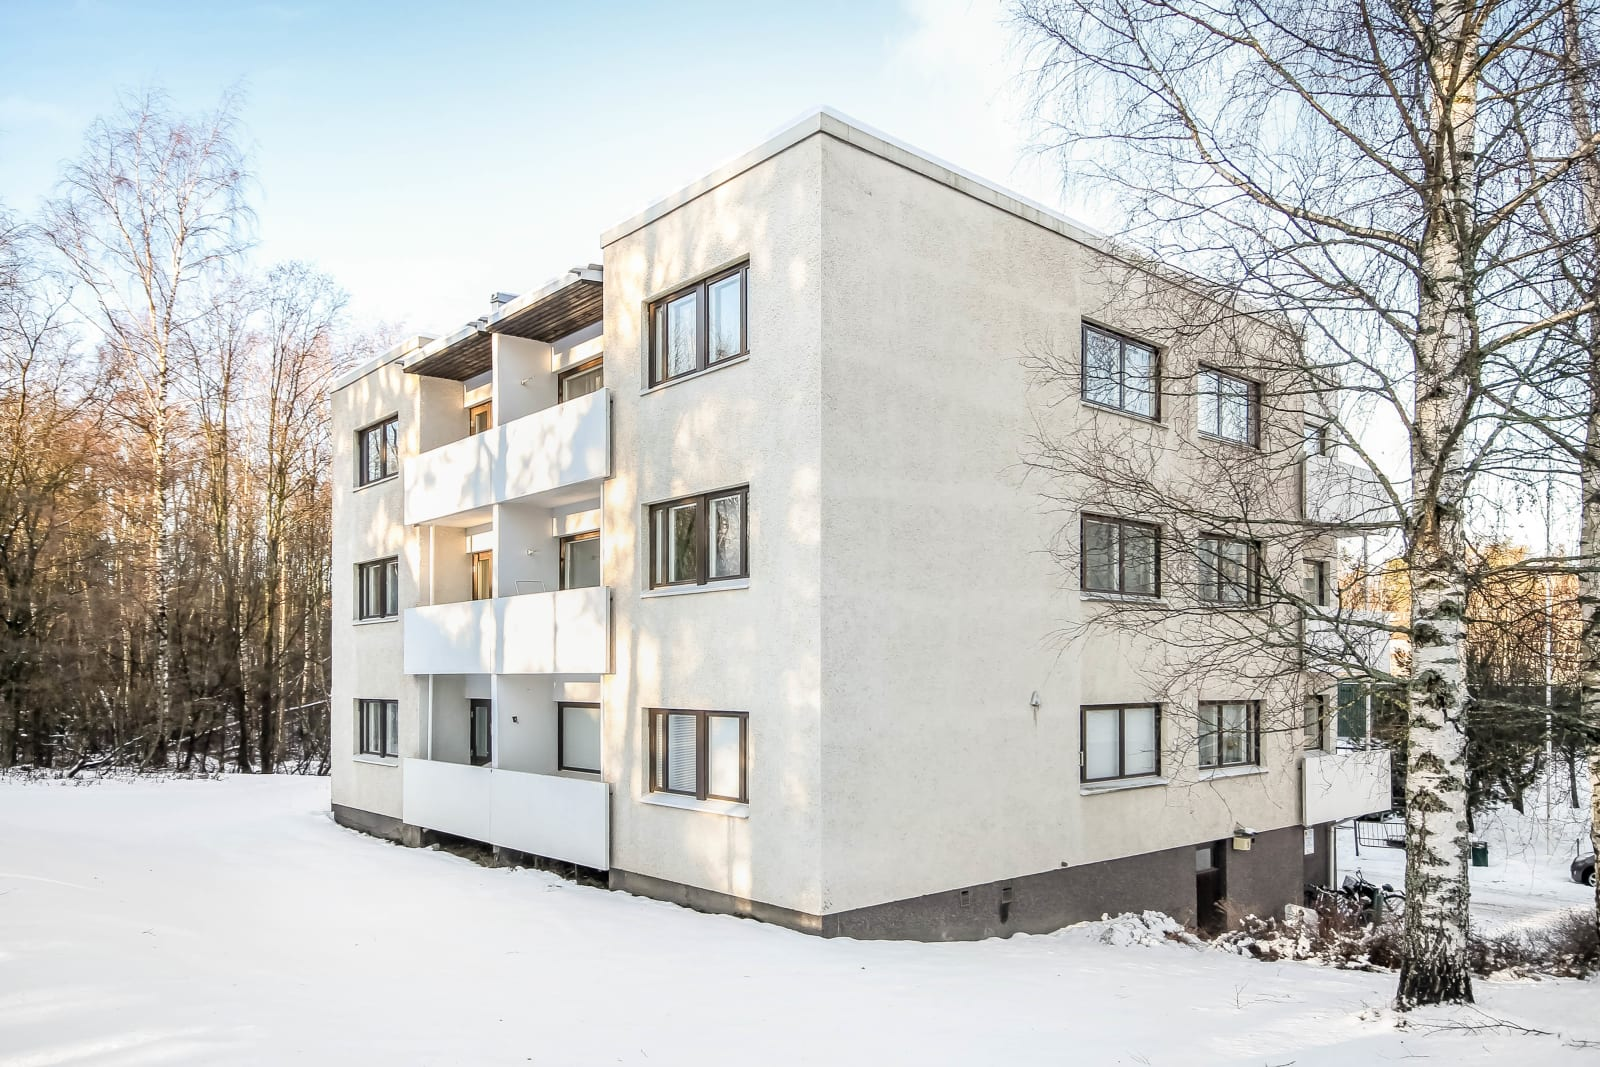 Helsinki, Pitäjänmäki, Piispantie 5